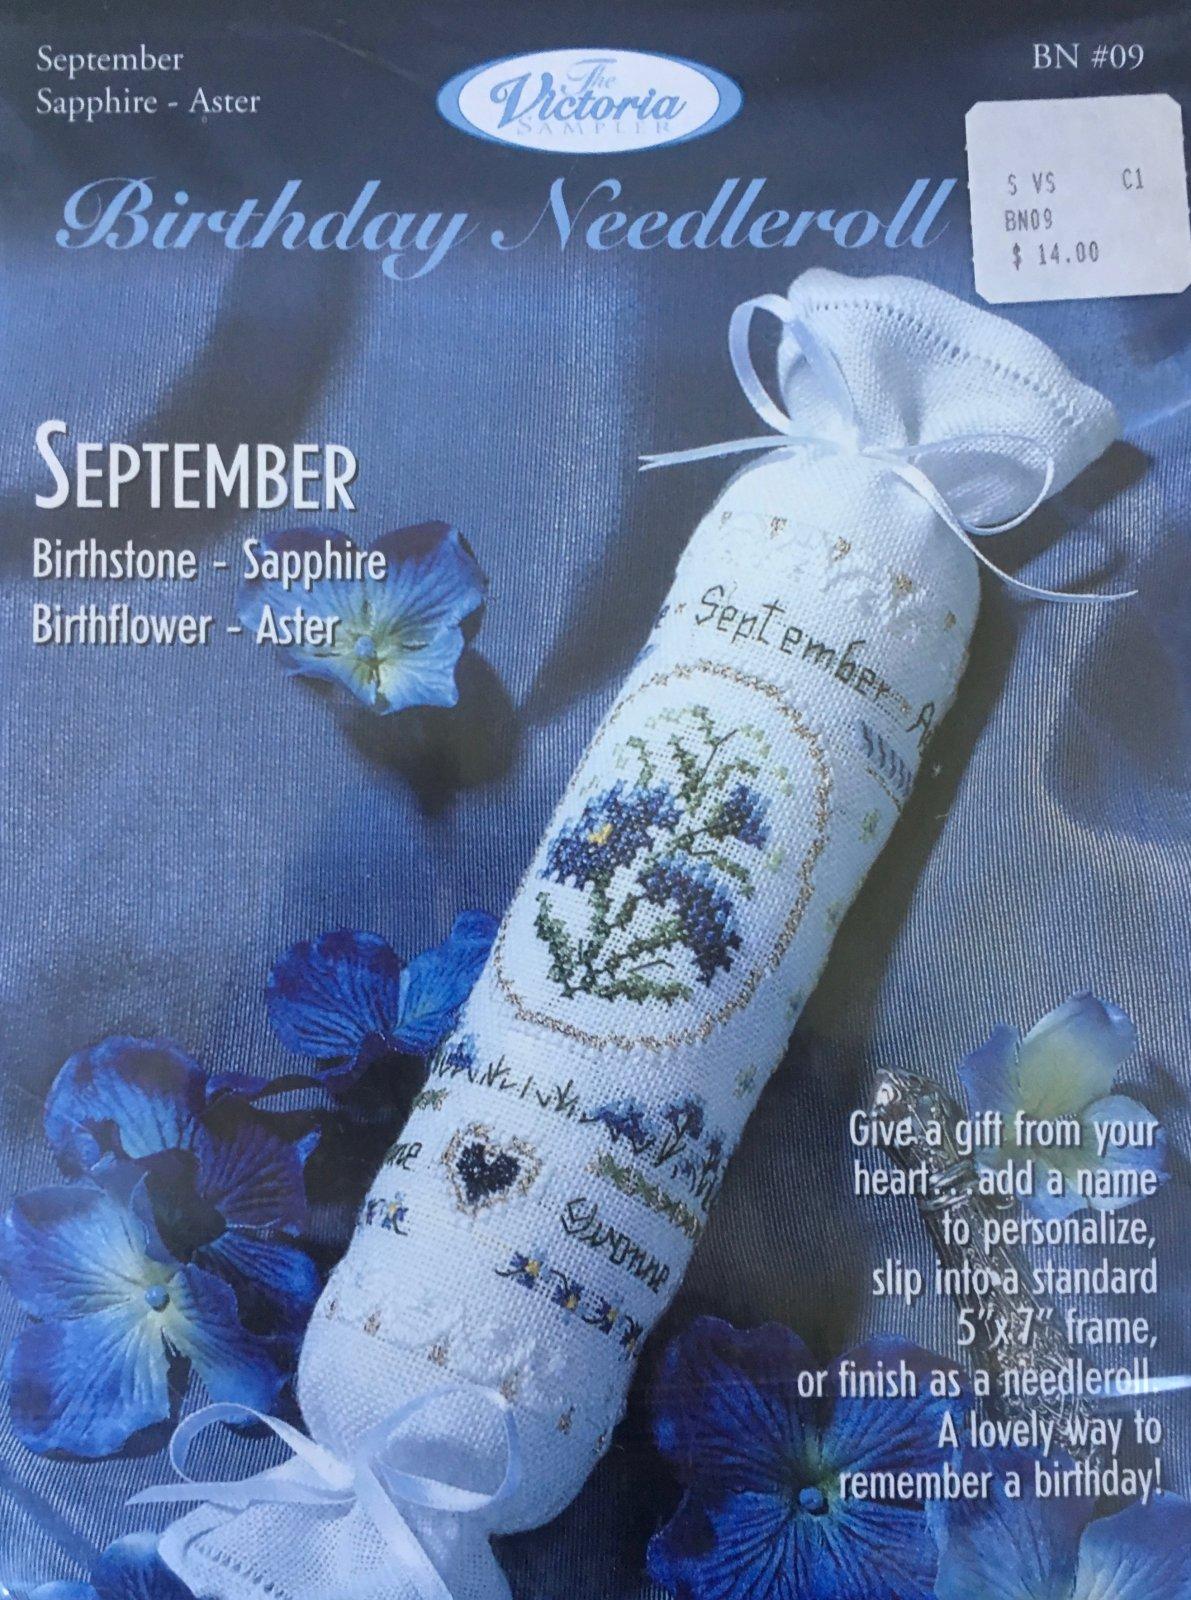 The Victoria Sampler: Birthday Needleroll Kit September BN #09